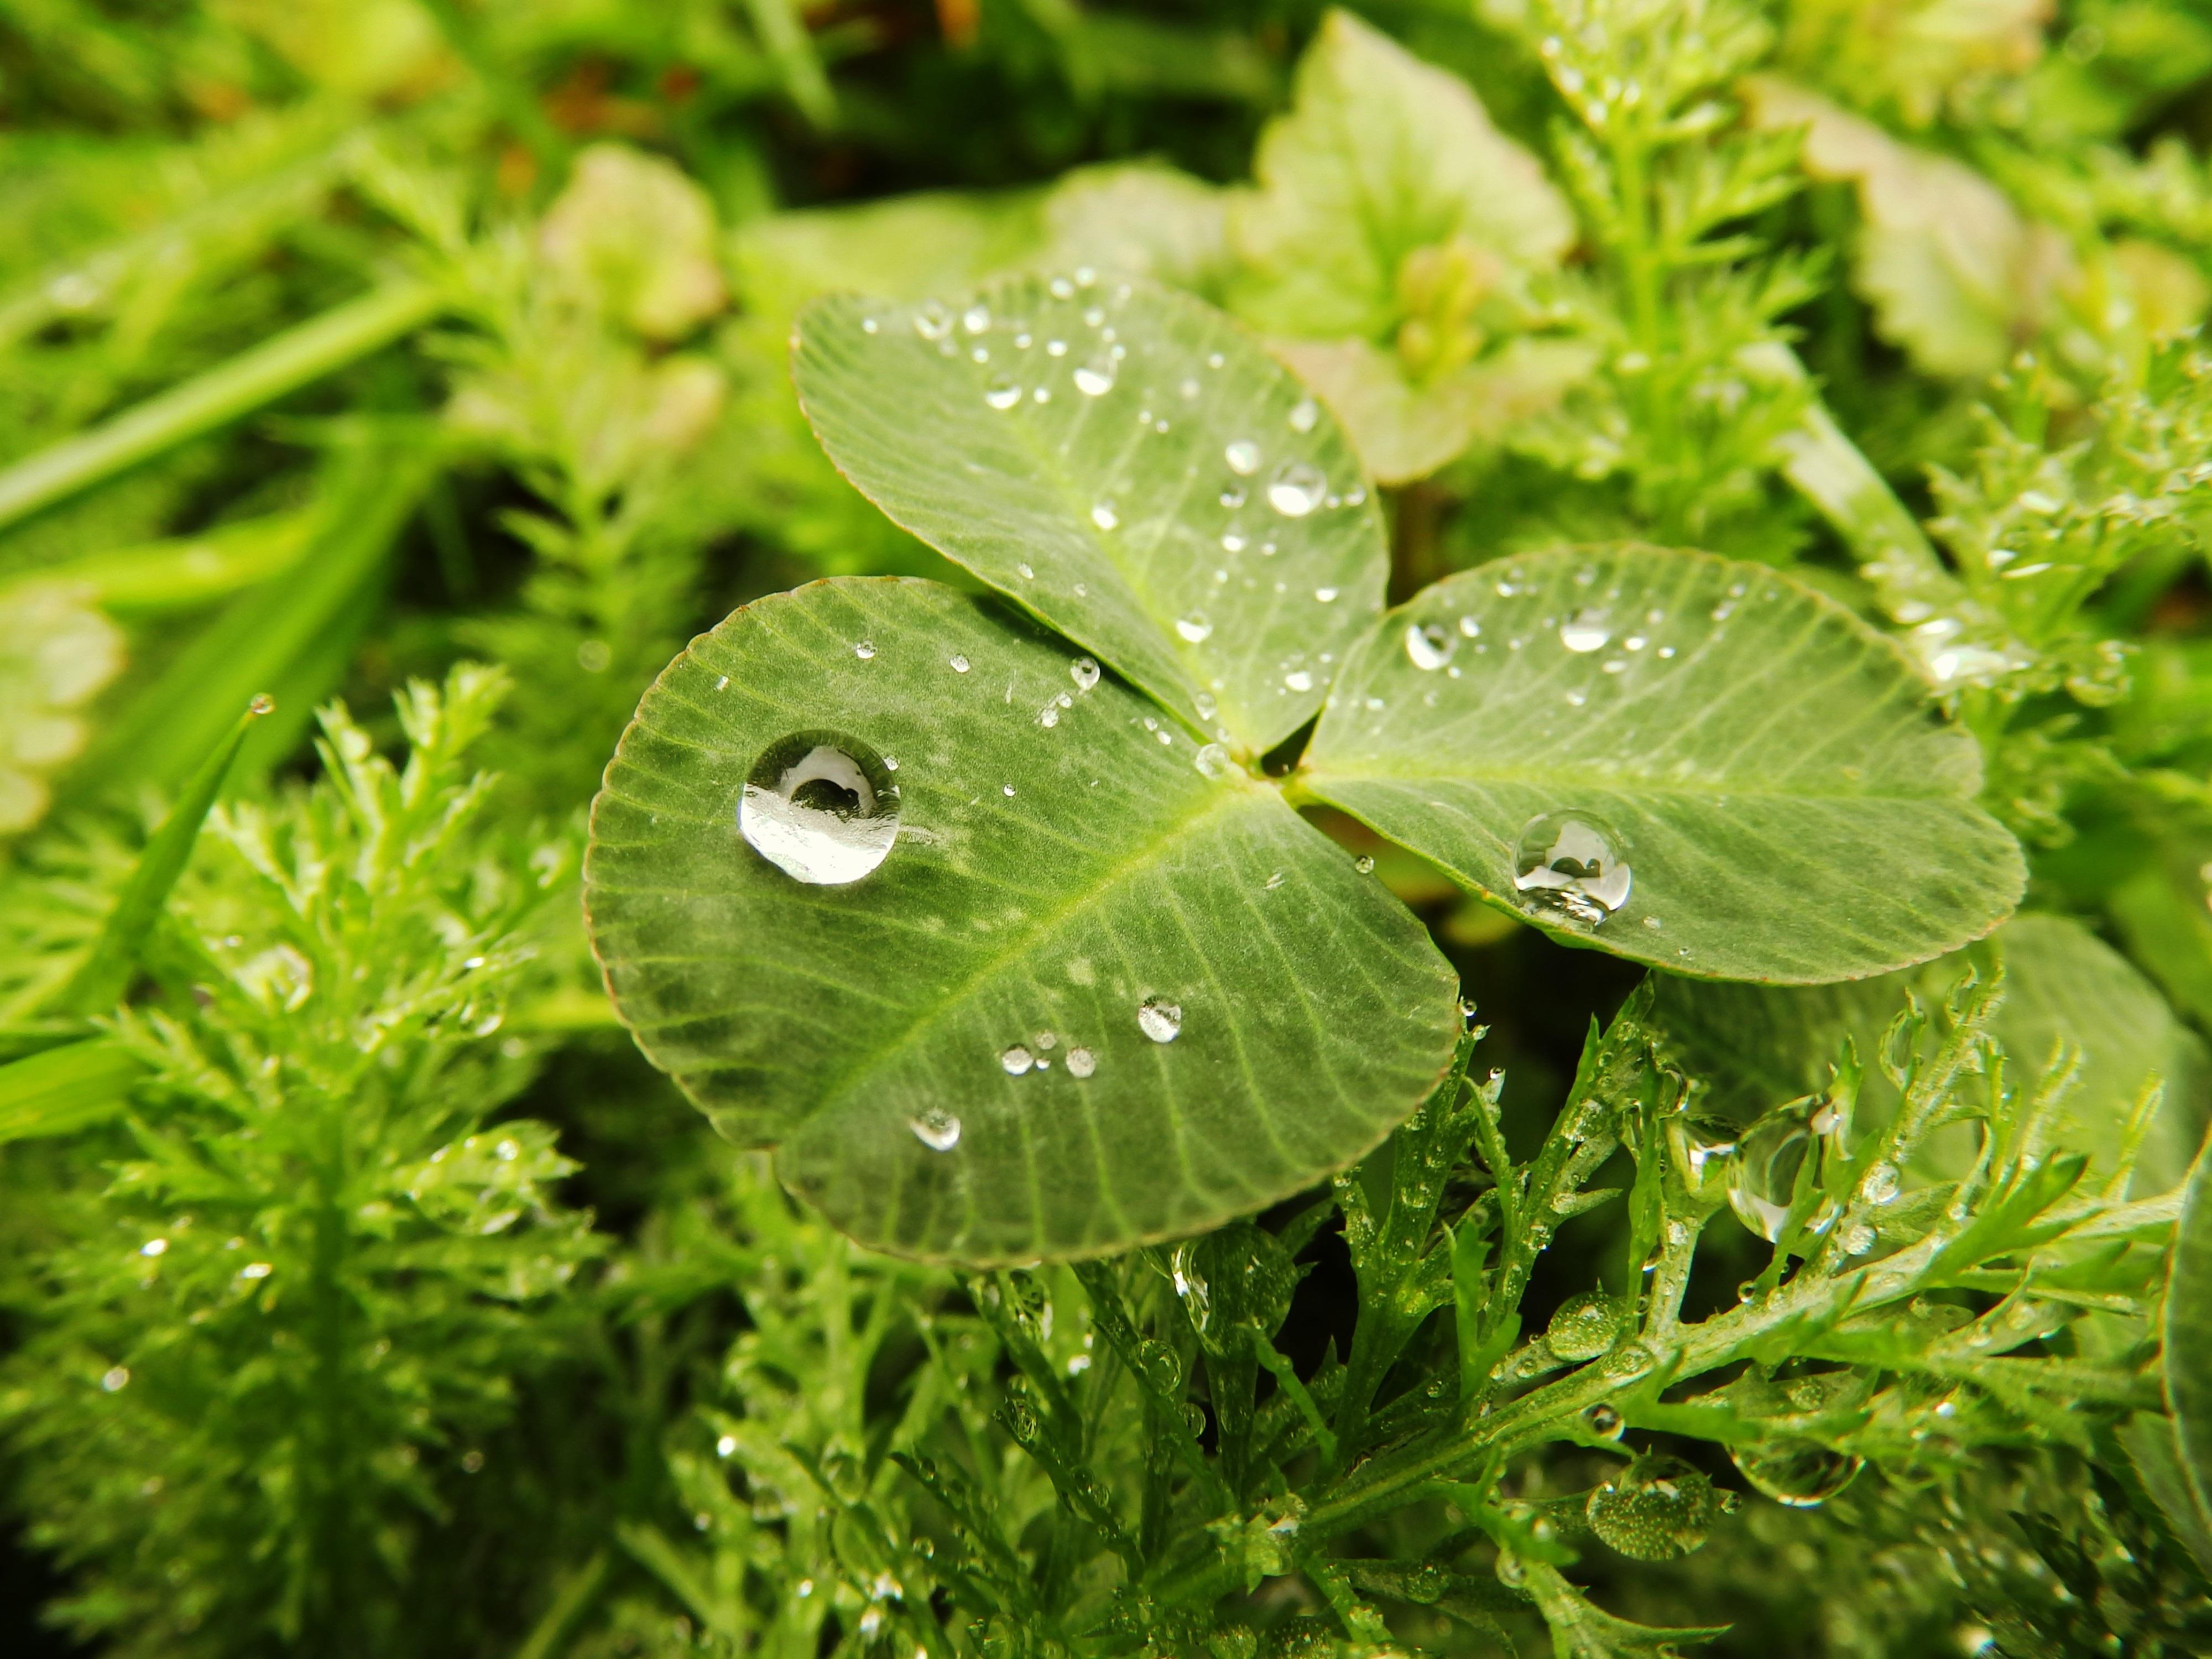 prato, goccia d\u0027acqua, foglia, fiore, goccia di pioggia, bagnato,  primavera, verde, botanica, flora, Fiore di campo, foglio, dettagliato,  quadrifoglio,